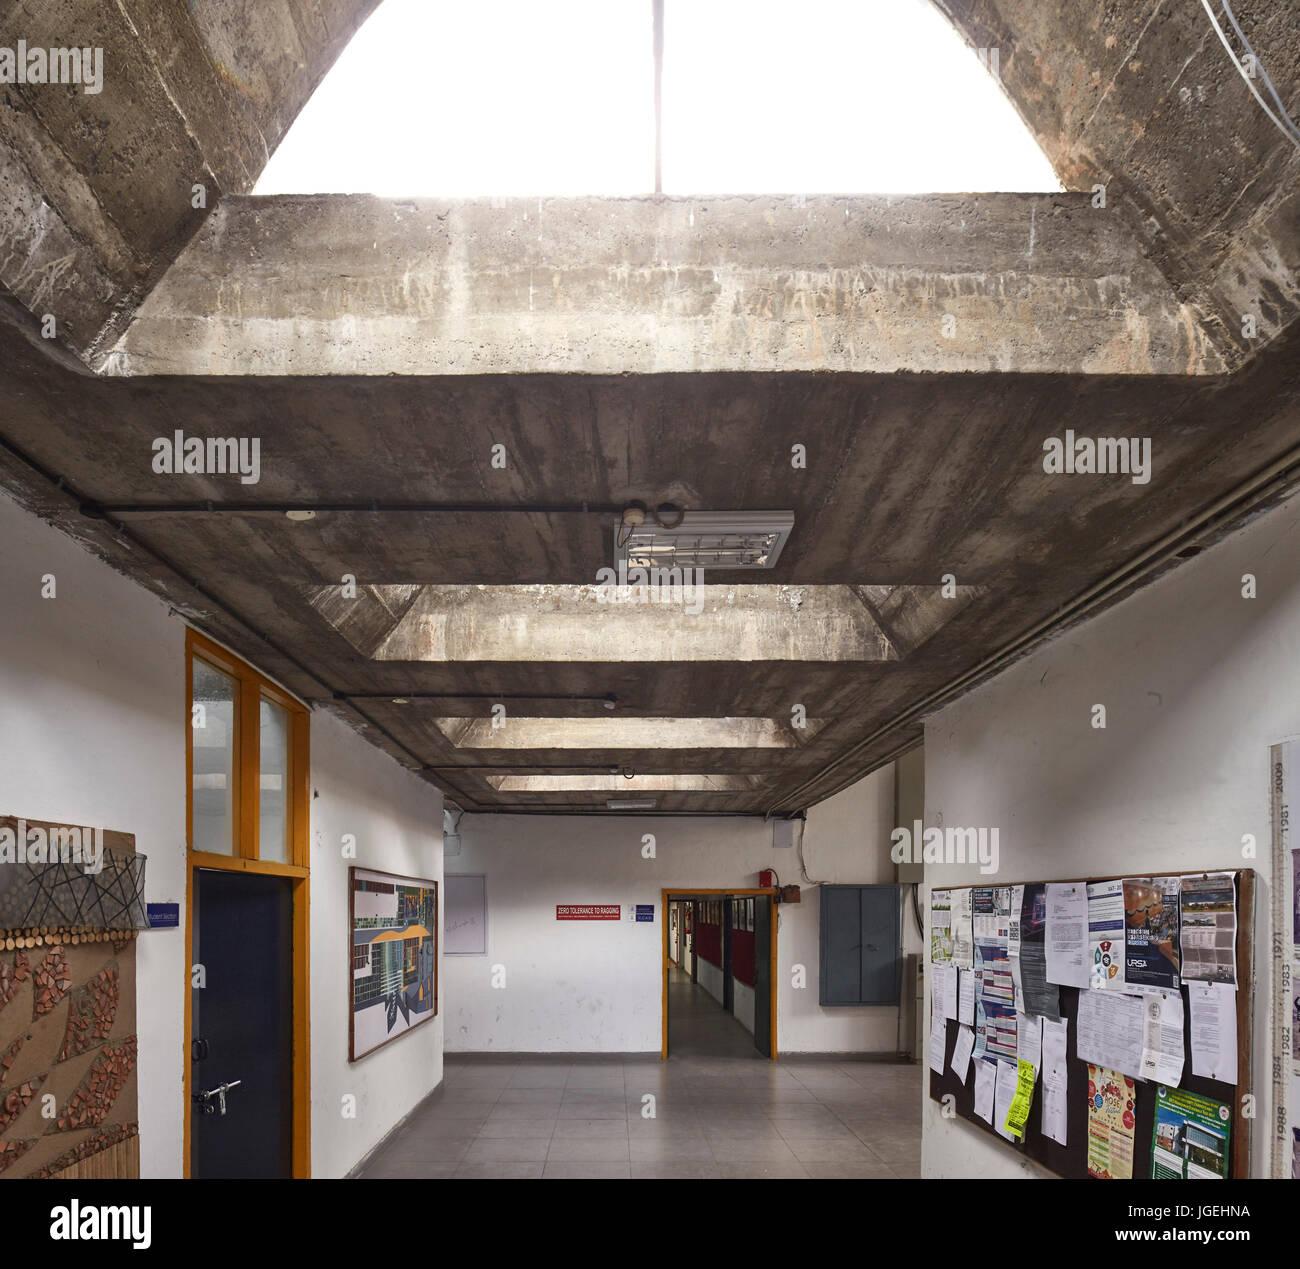 Corridor Chandigarh College Of Architecture Chandigarh India Stock Photo Alamy